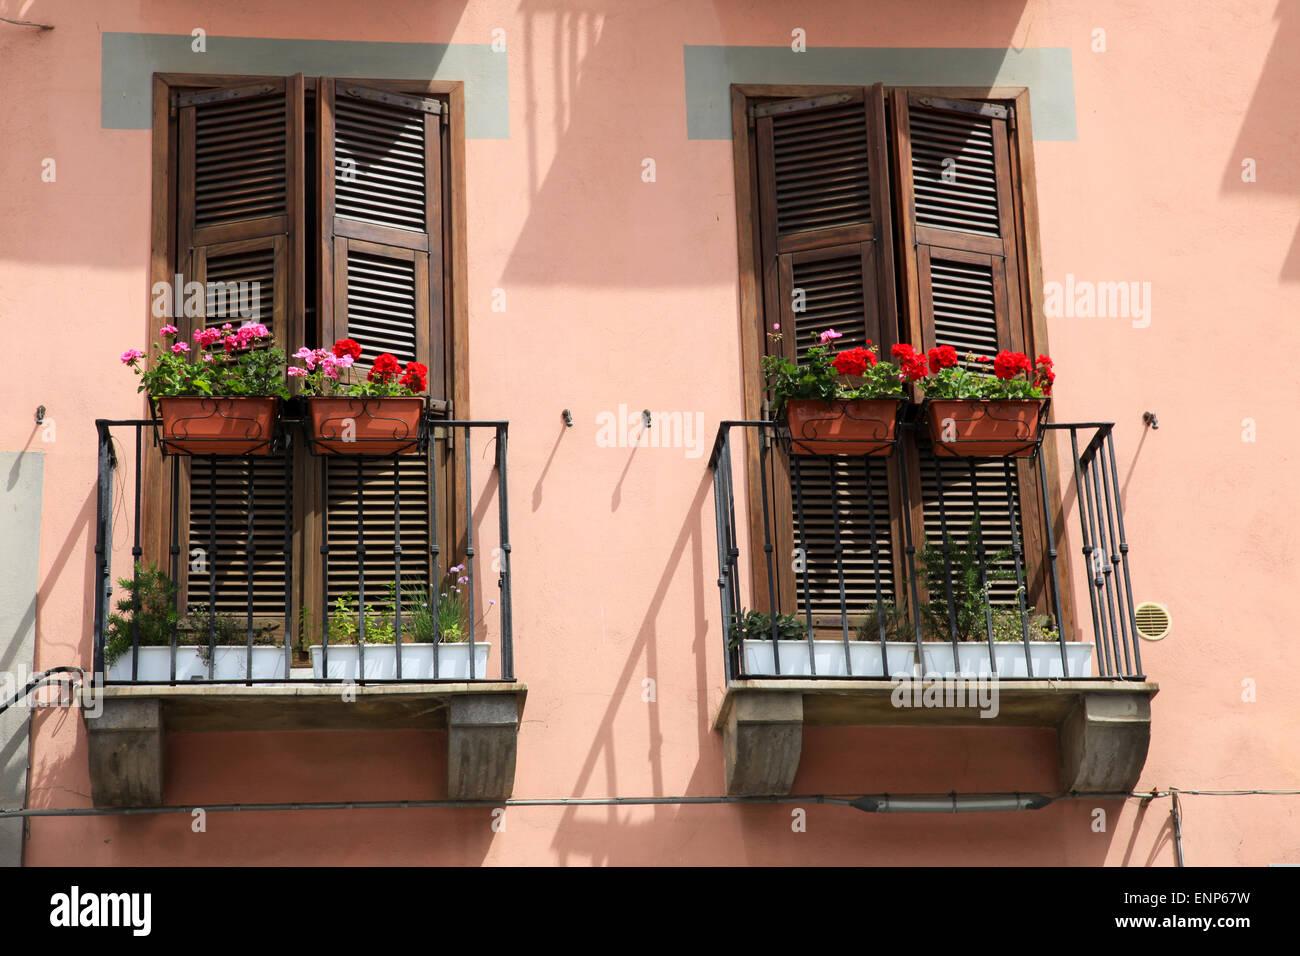 blumenk sten und mediterrane balkone stockfoto bild 82237117 alamy. Black Bedroom Furniture Sets. Home Design Ideas